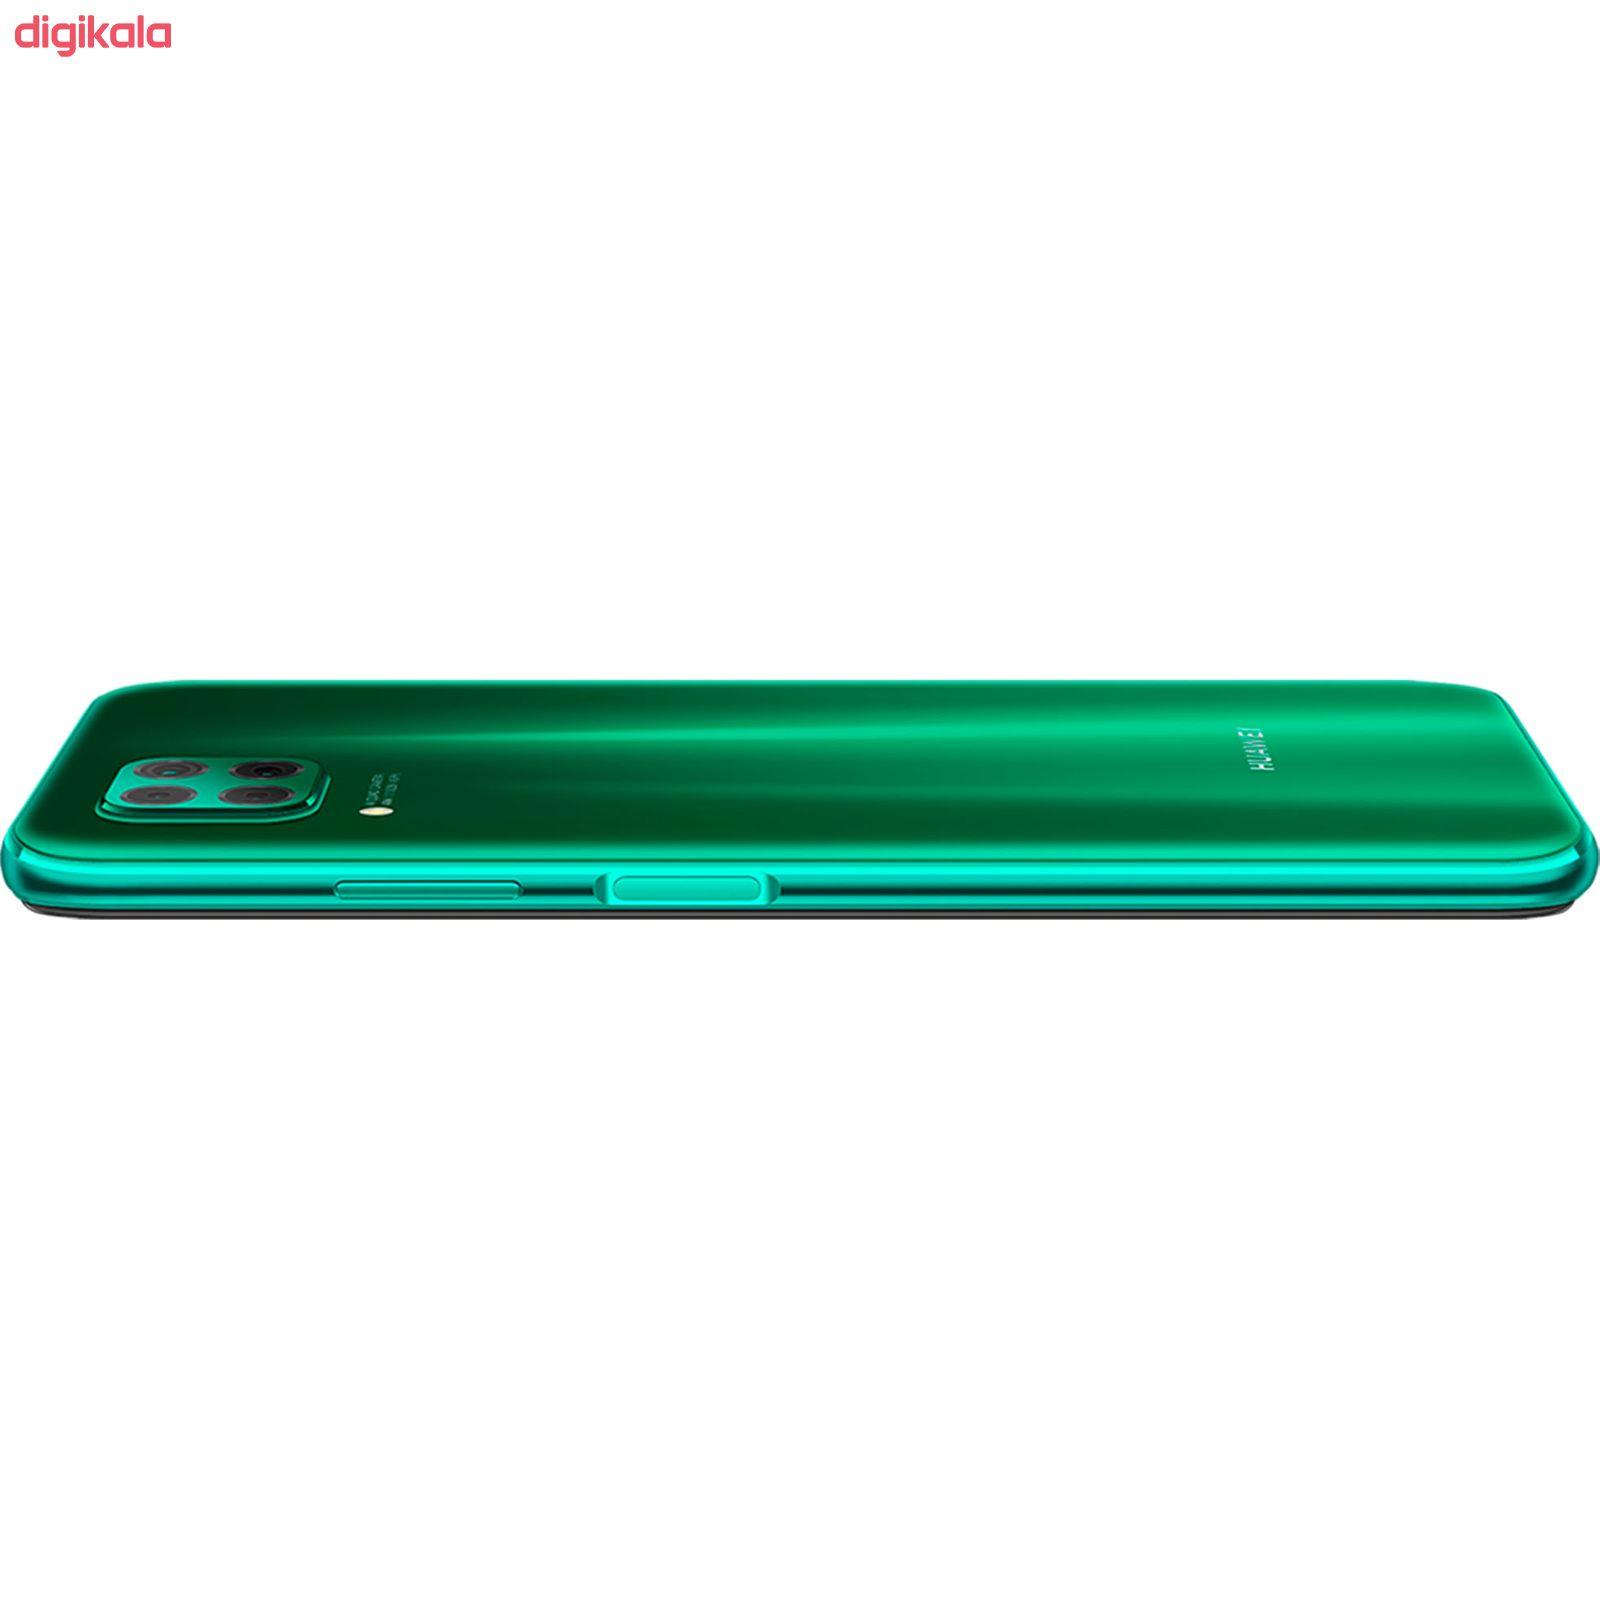 گوشی موبایل هوآوی مدل Nova 7i JNY-LX1 دو سیم کارت ظرفیت 128 گیگابایت main 1 23